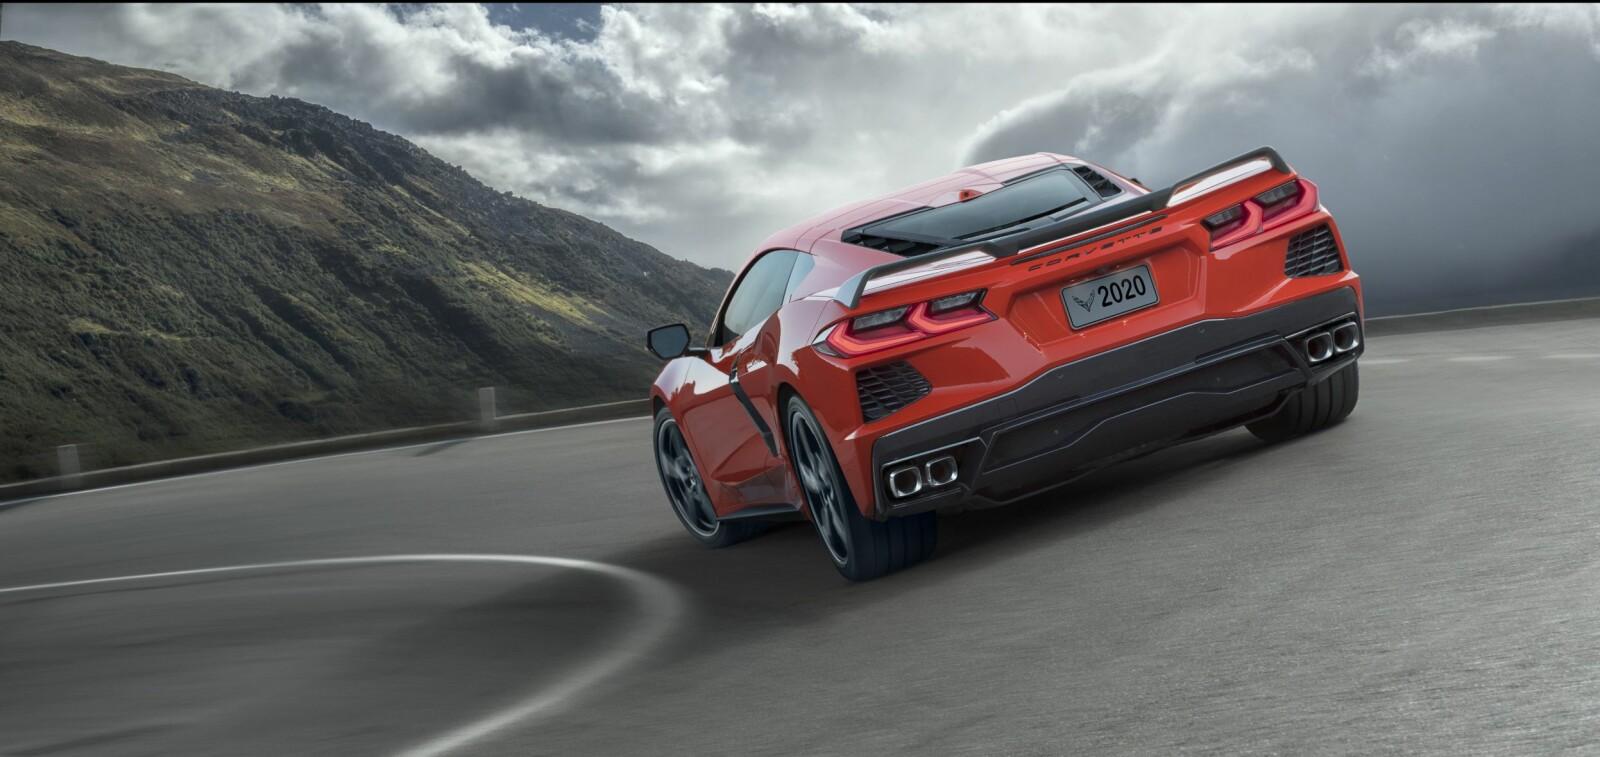 <b>ENDRINGER:</b> Etter 66 år gjør Chevrolet radikale endringer med Corvette